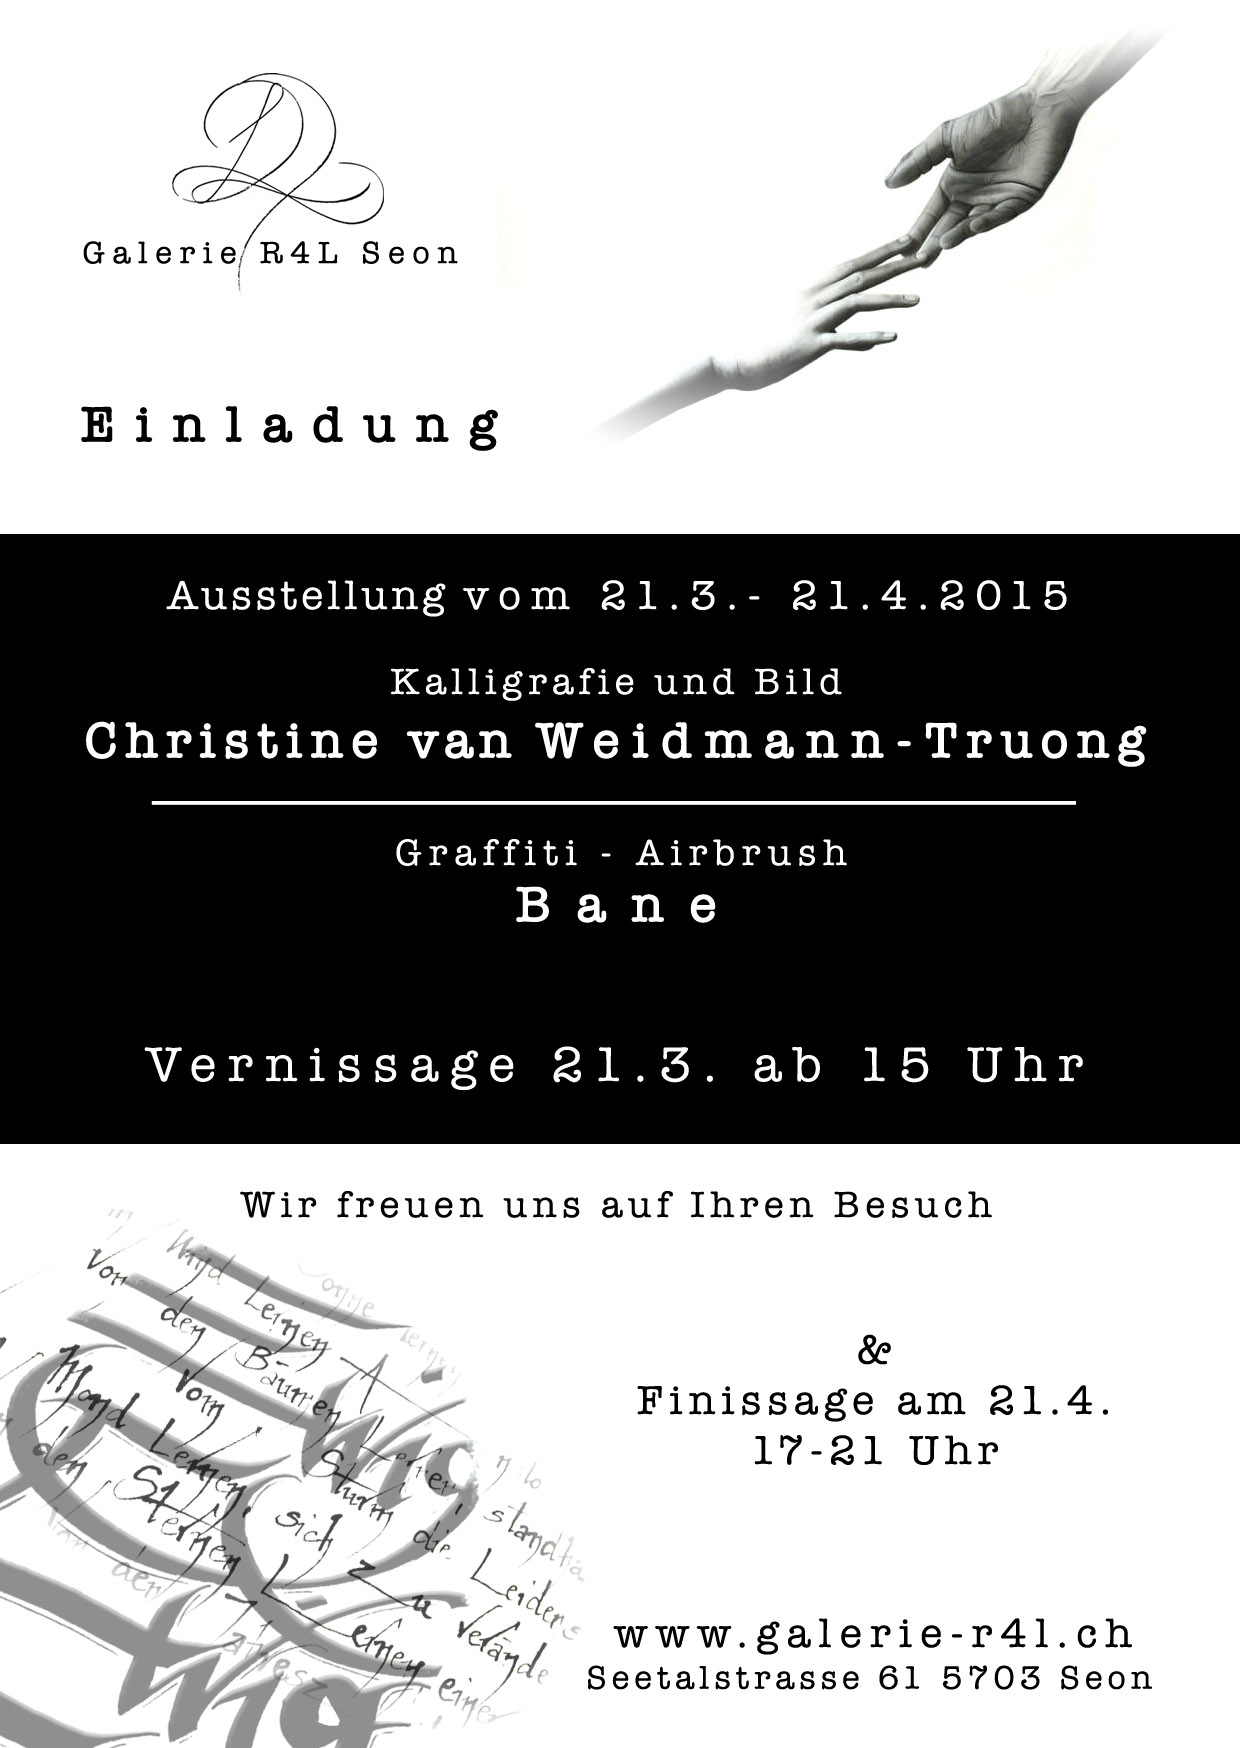 Kunstausstellung Christine van Weidmann-Truong